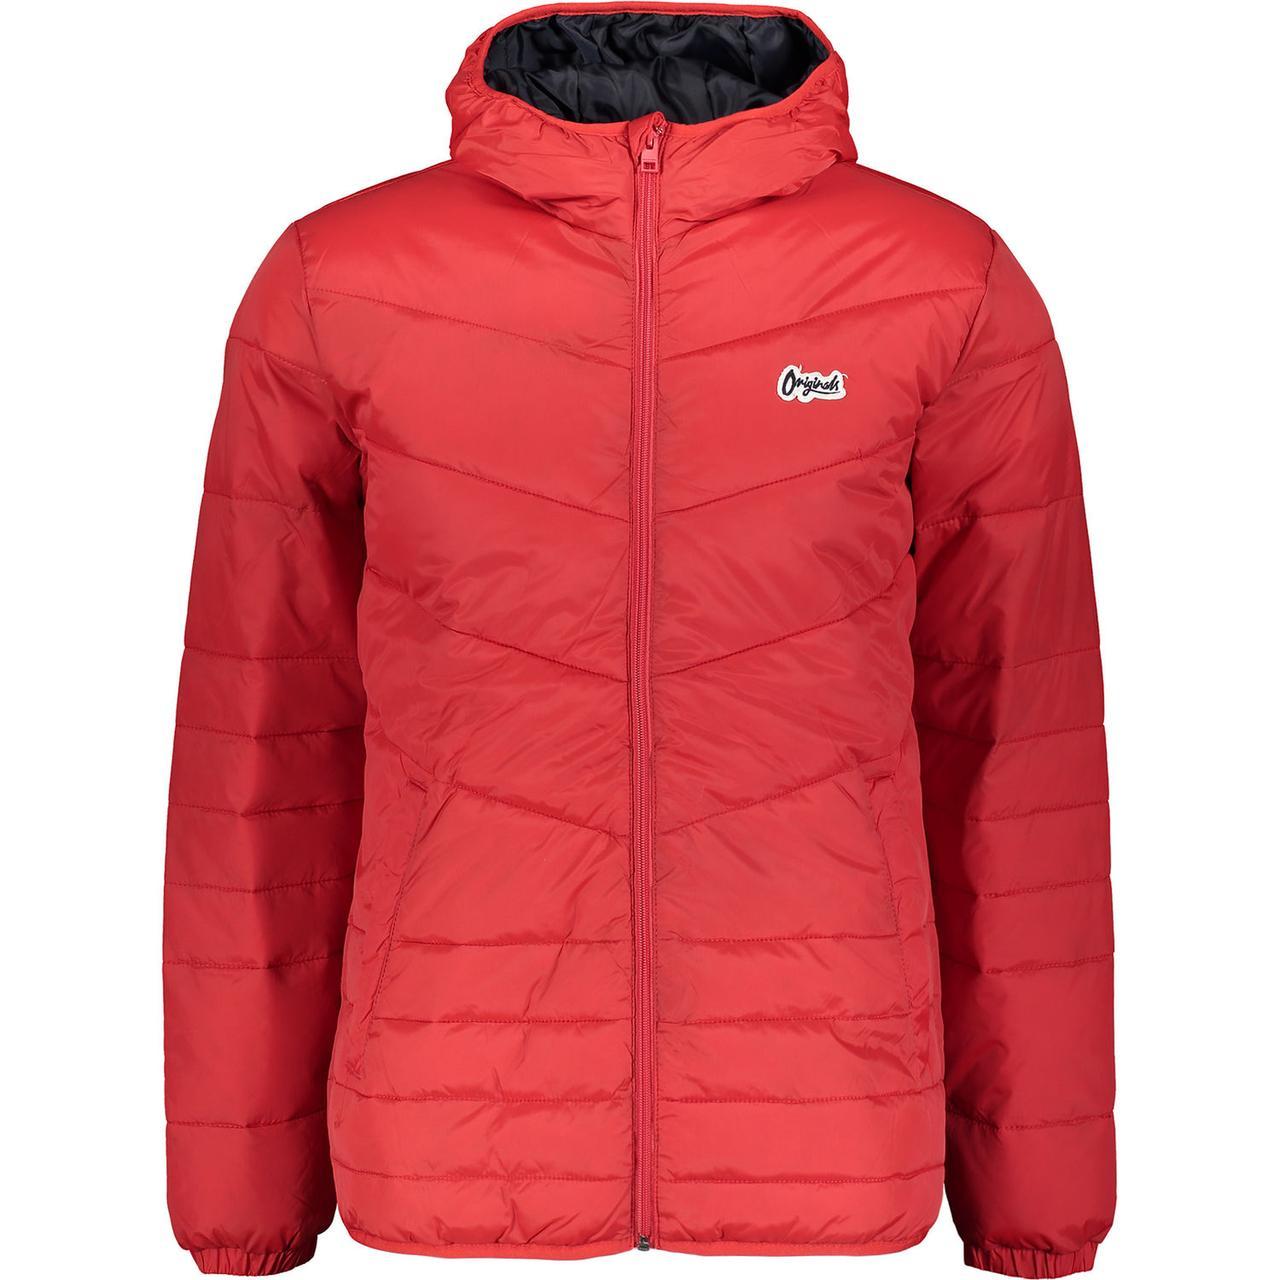 9dc4c229 Jack & Jones.Чоловіча спортивна весняно-осіння куртка.Червона.Оригінал. -